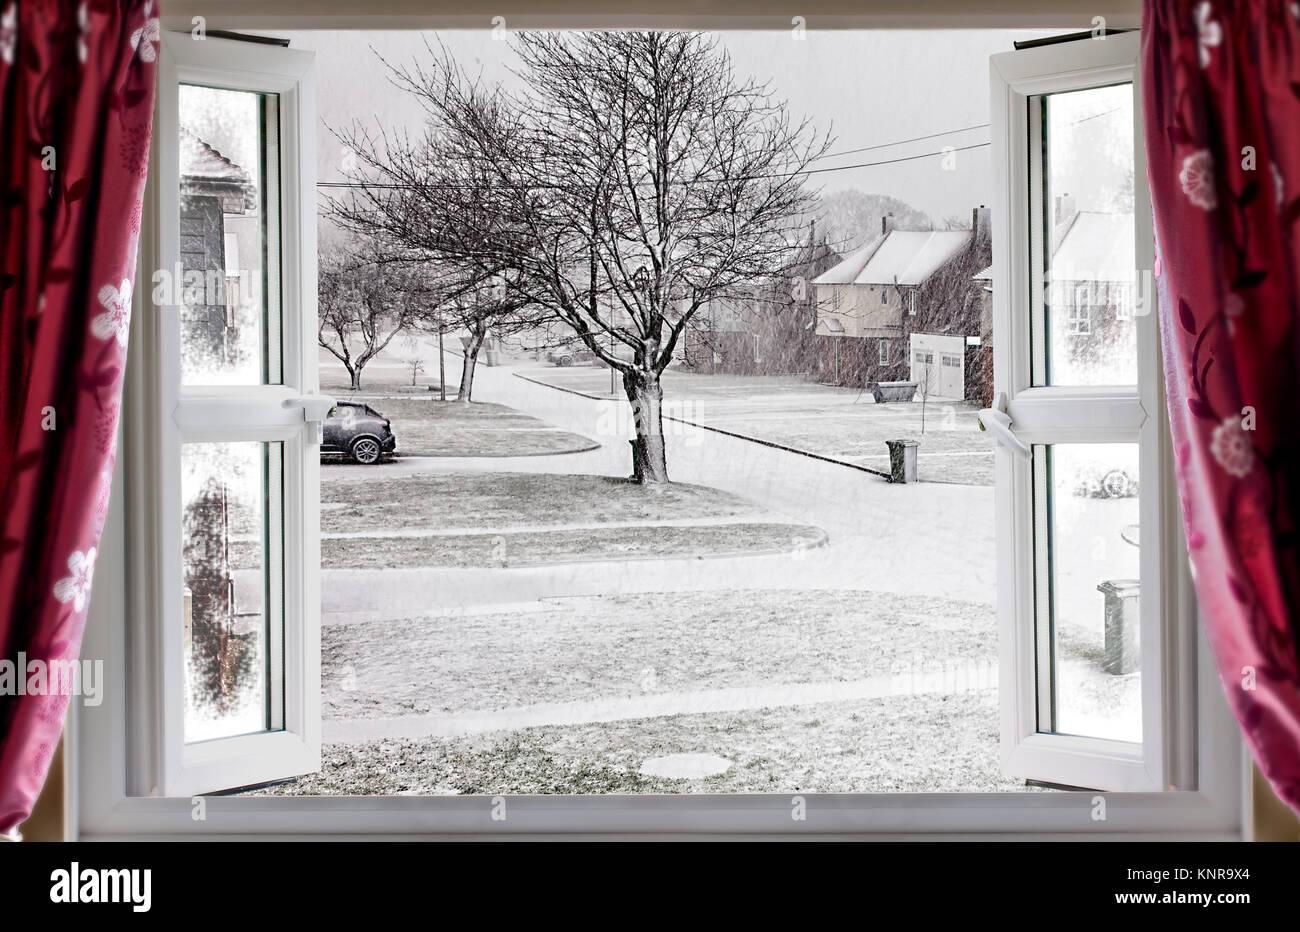 blick durch die offenen fenster auf einen sch nen winter schnee stra e szene im l ndlichen. Black Bedroom Furniture Sets. Home Design Ideas